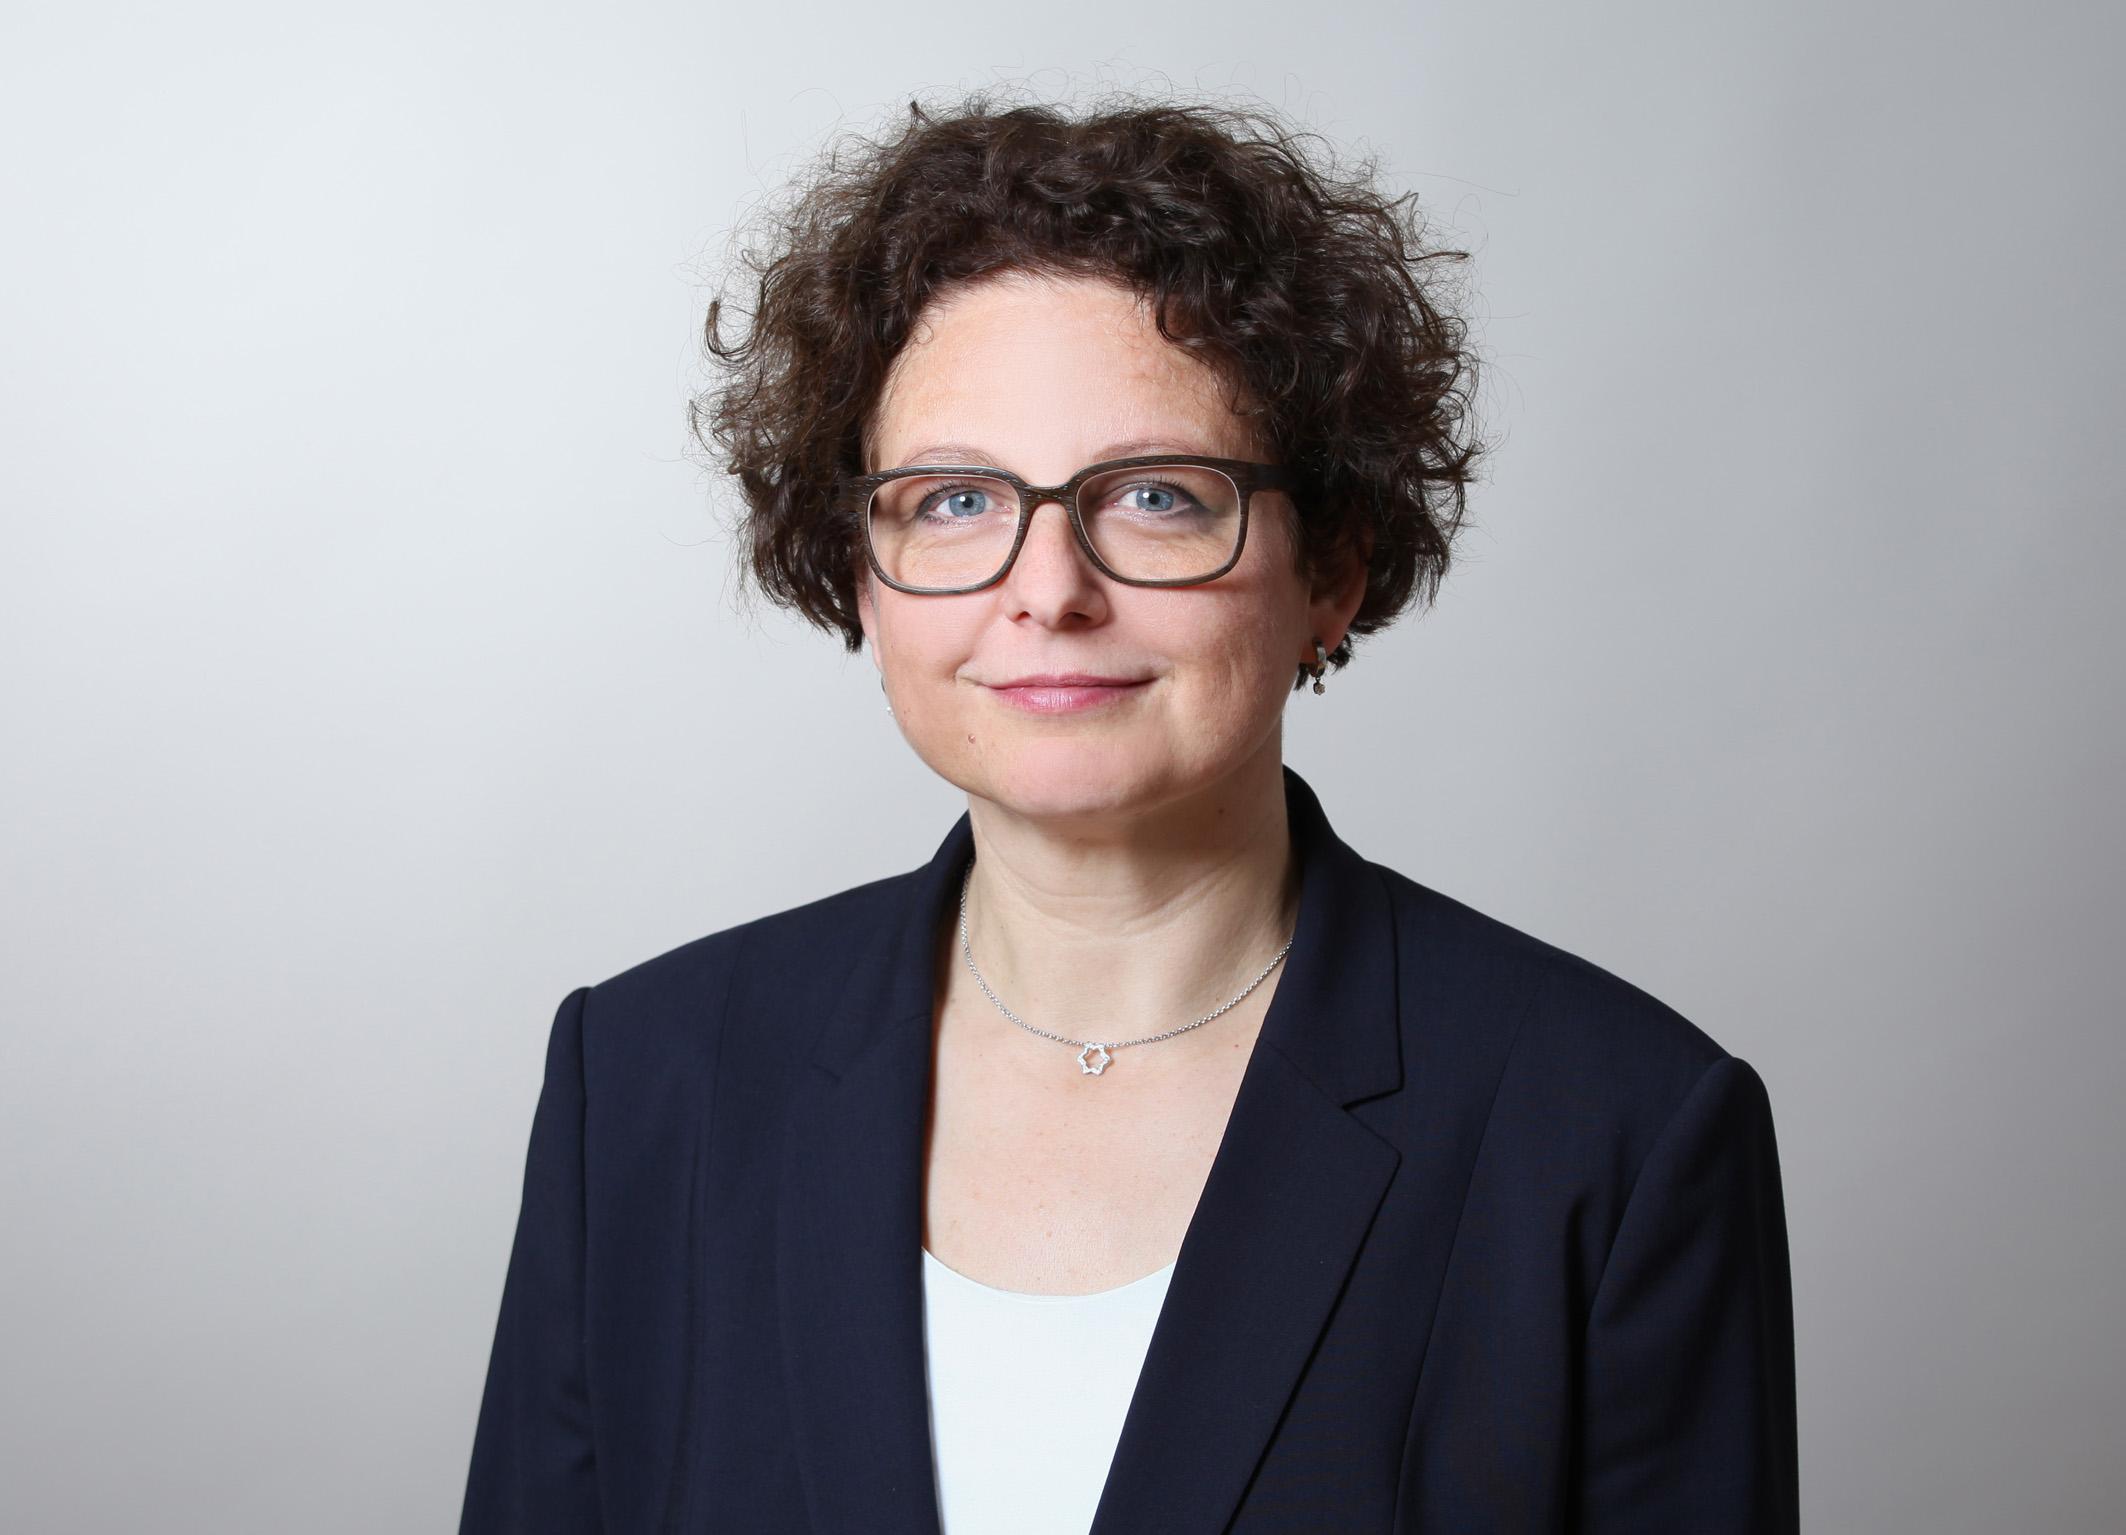 Tagesevangelium mit Dr. Monika Arzberger